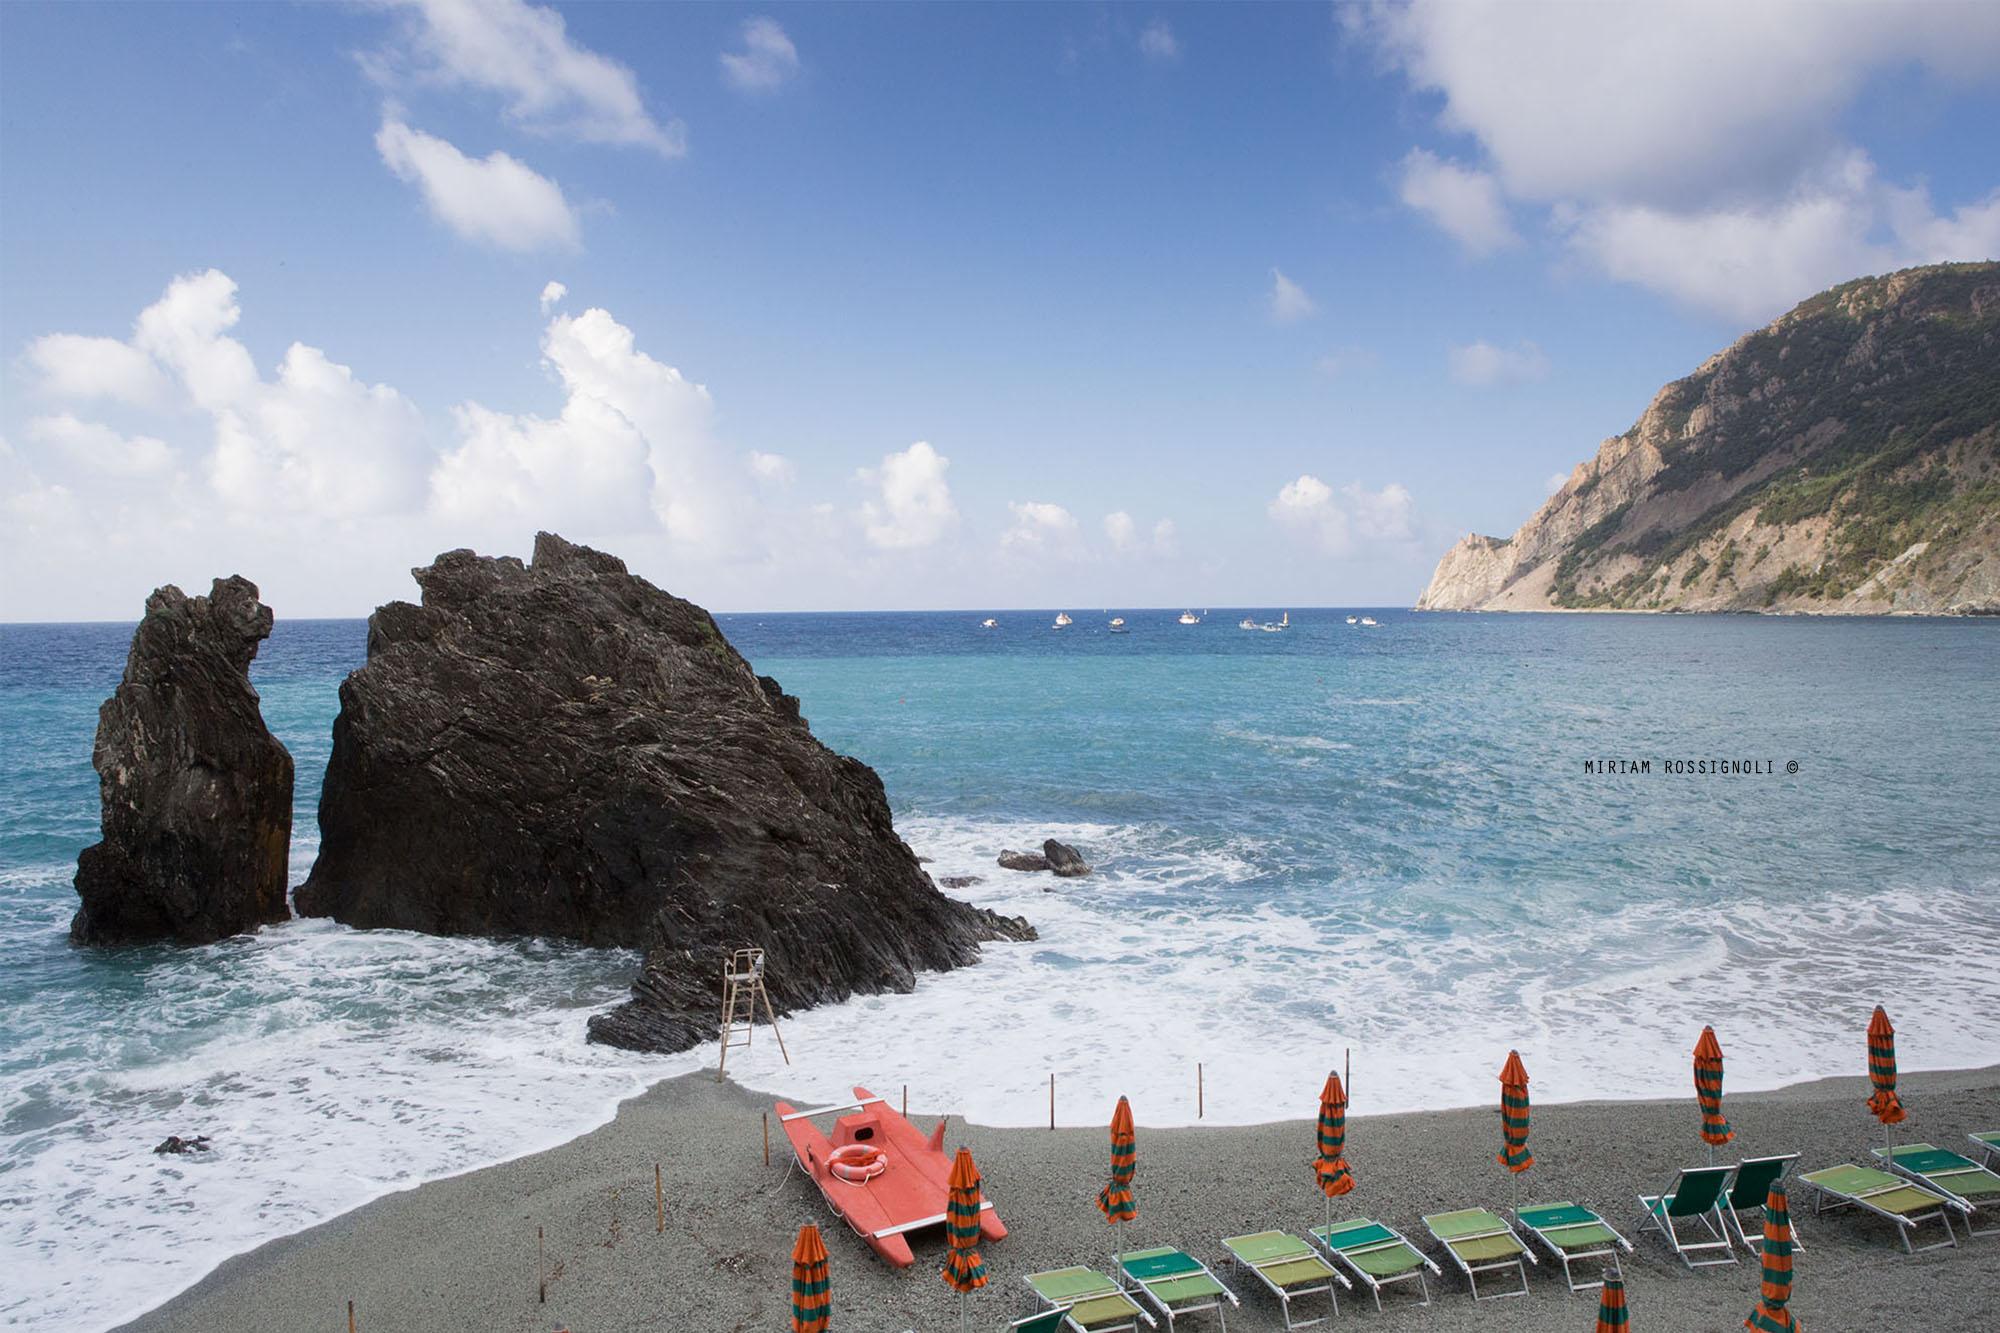 monterosso-rocca-spiaggia-ombrelloni-mare-mosso-copia